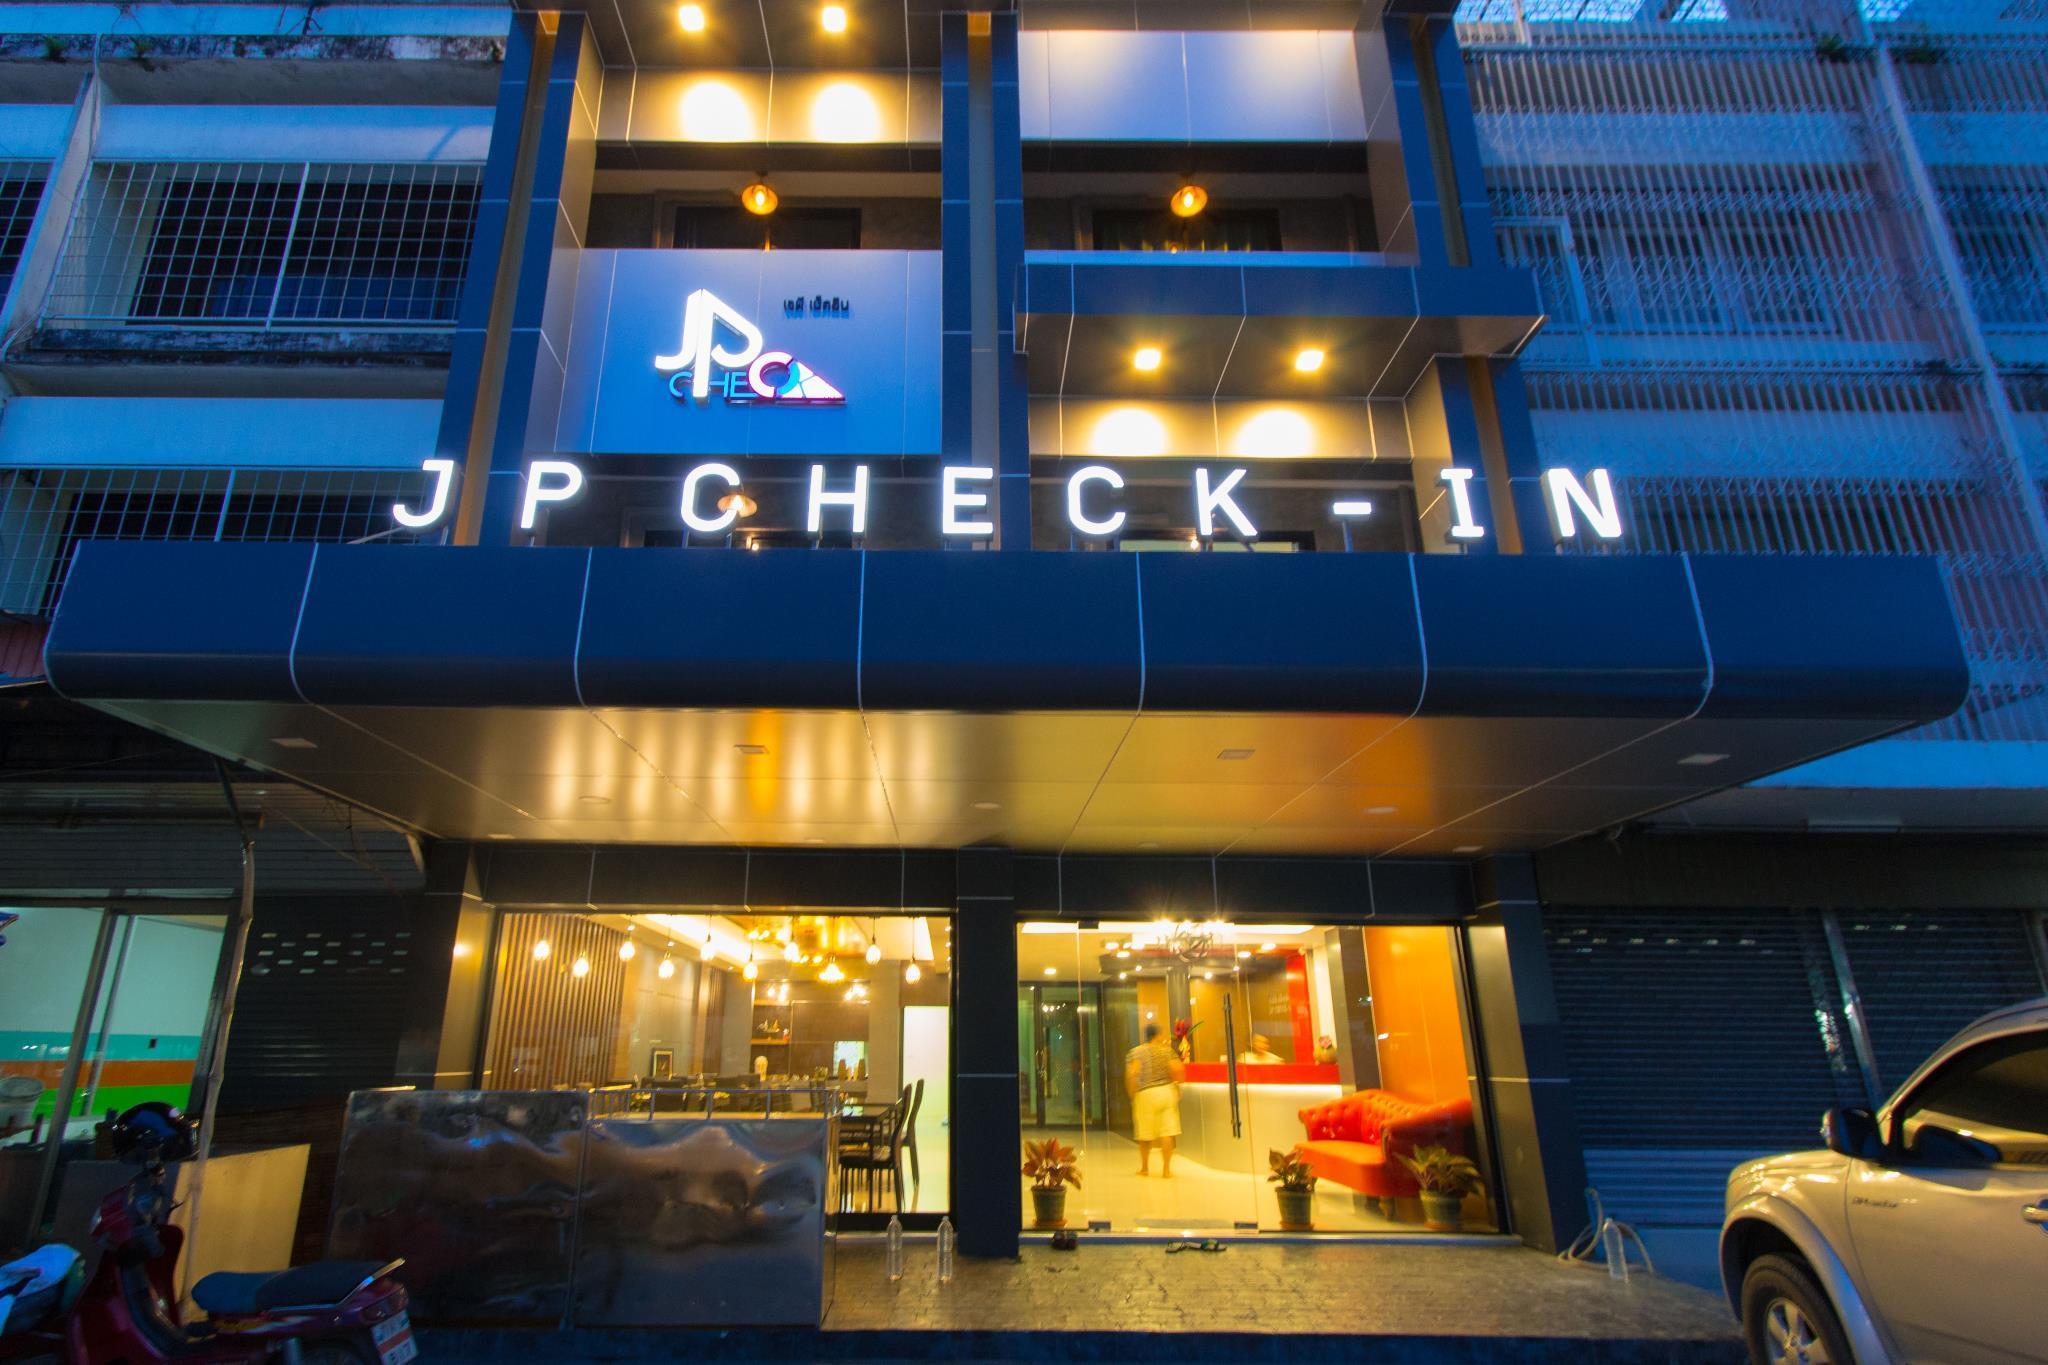 JP入住酒店,JP CHECK IN